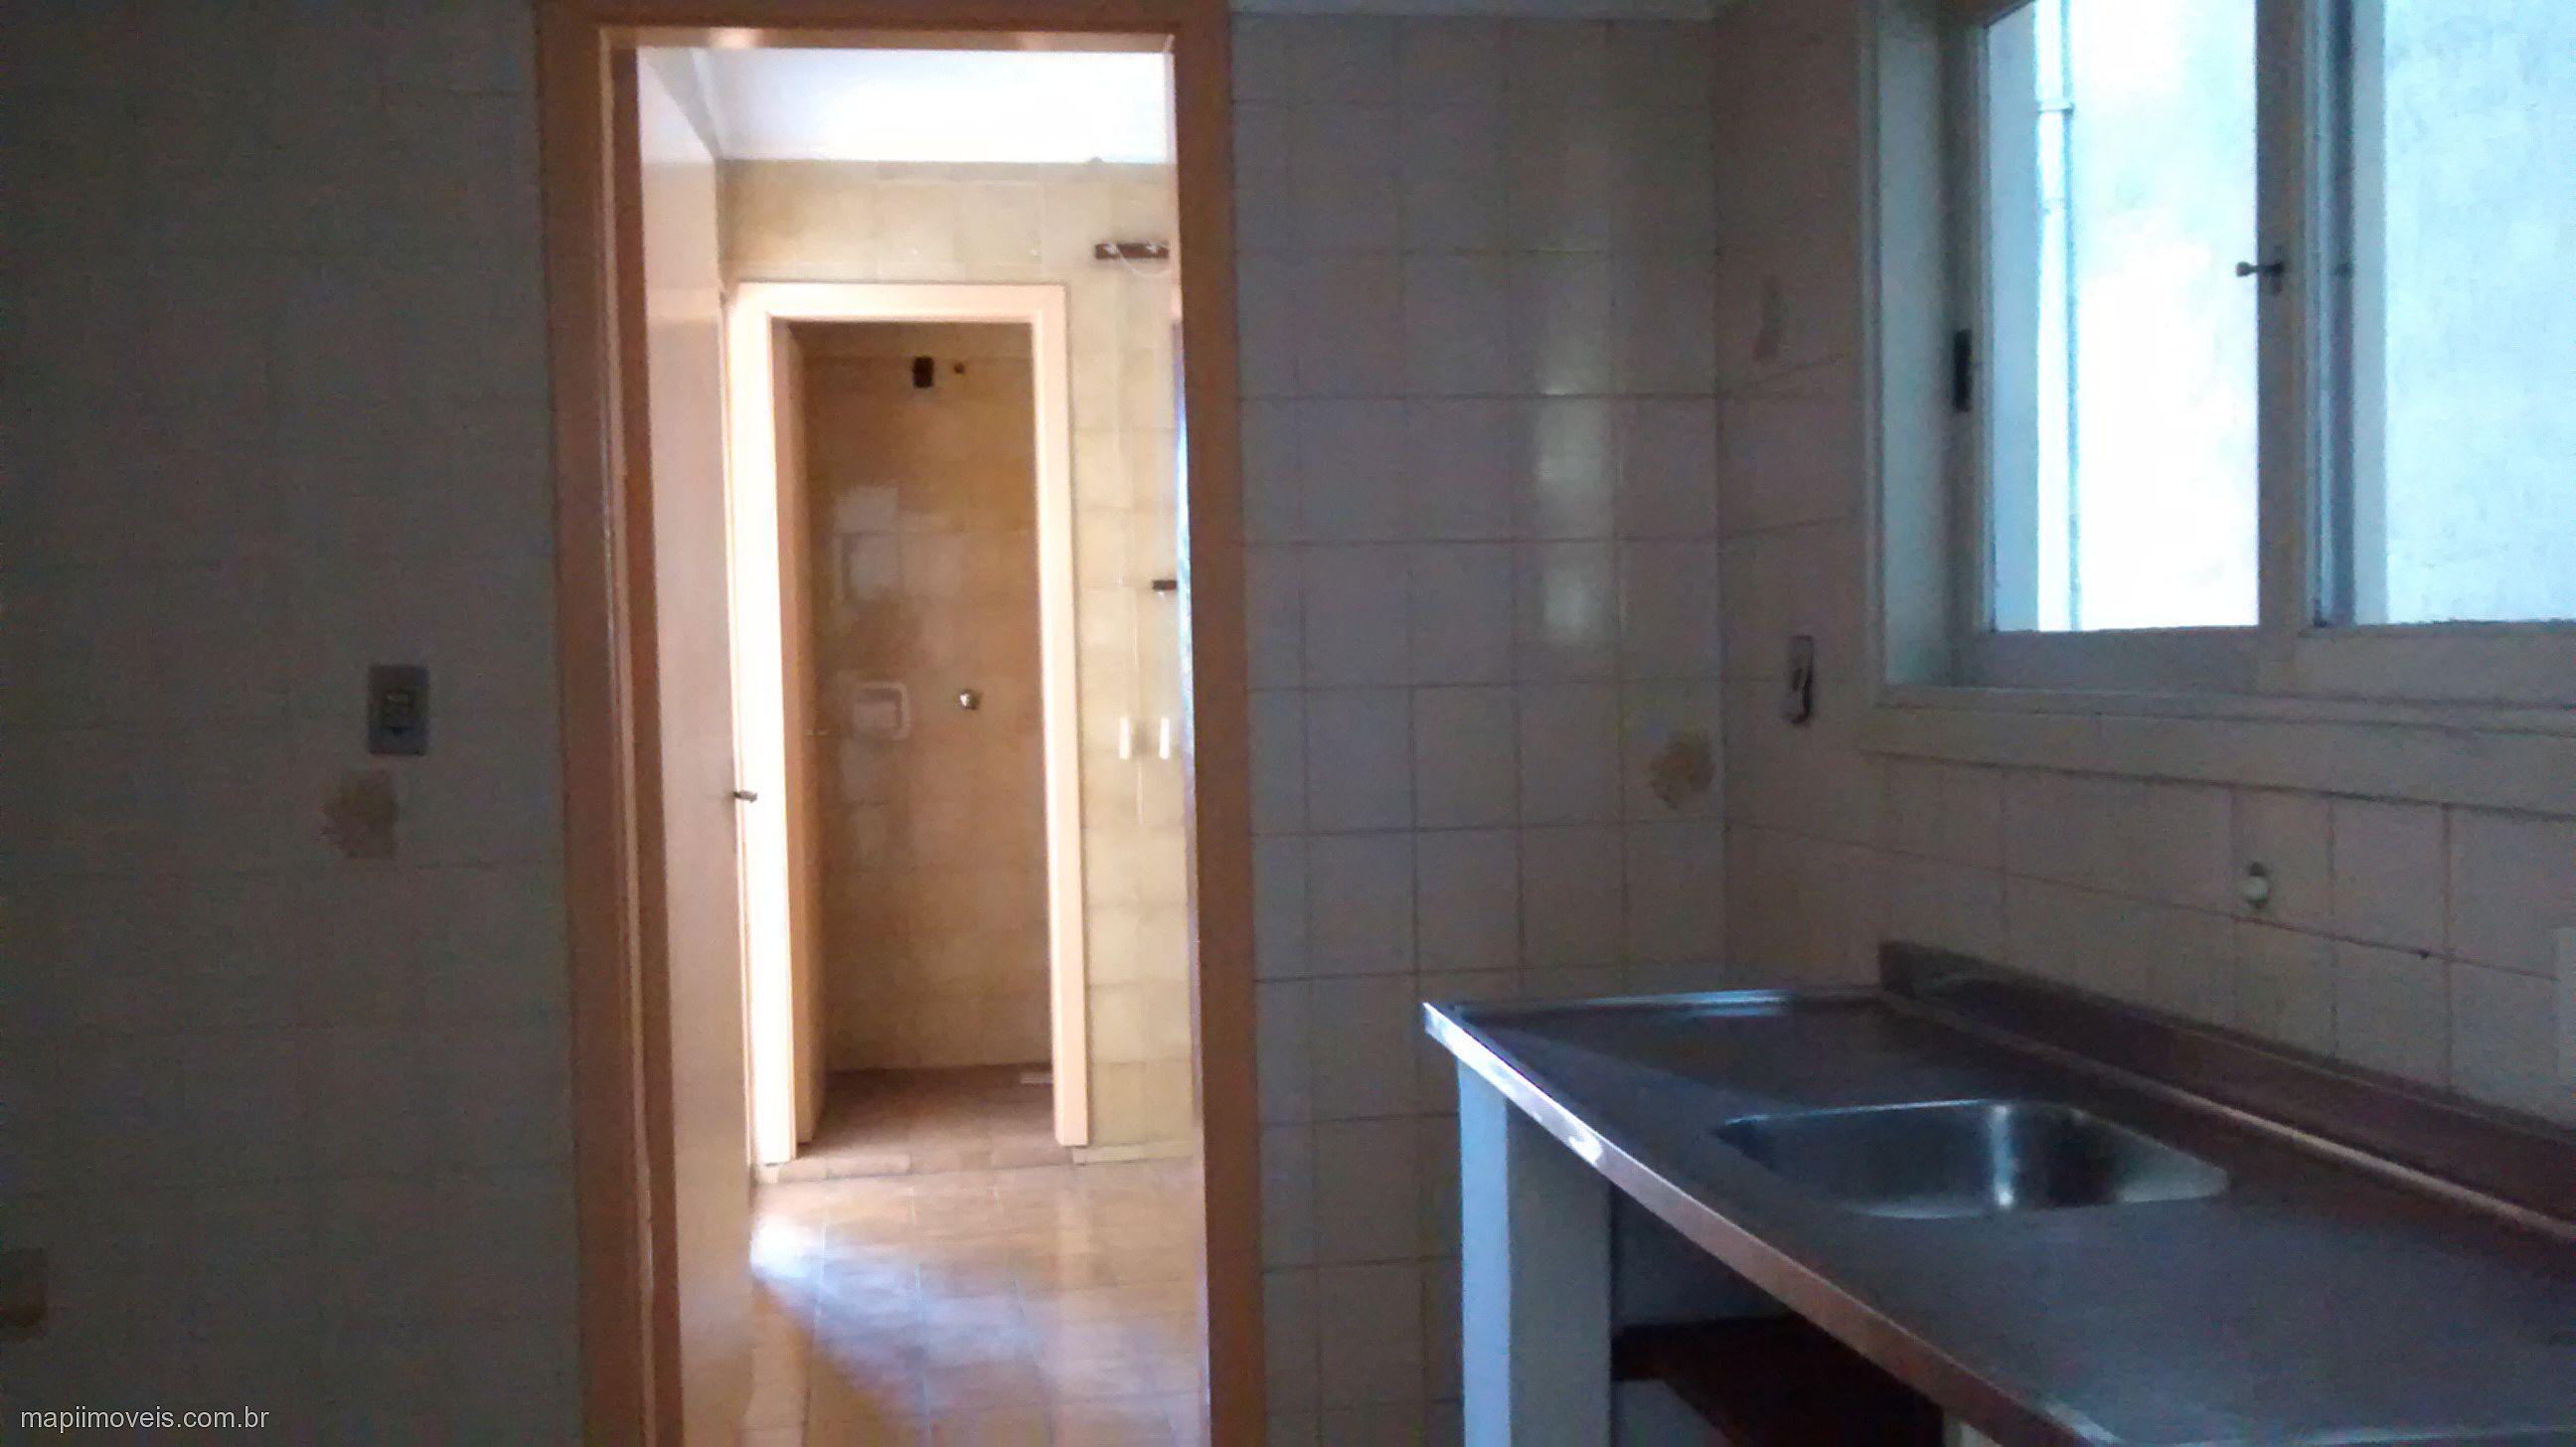 Mapi Imóveis - Apto 2 Dorm, Rio Branco (284762) - Foto 7